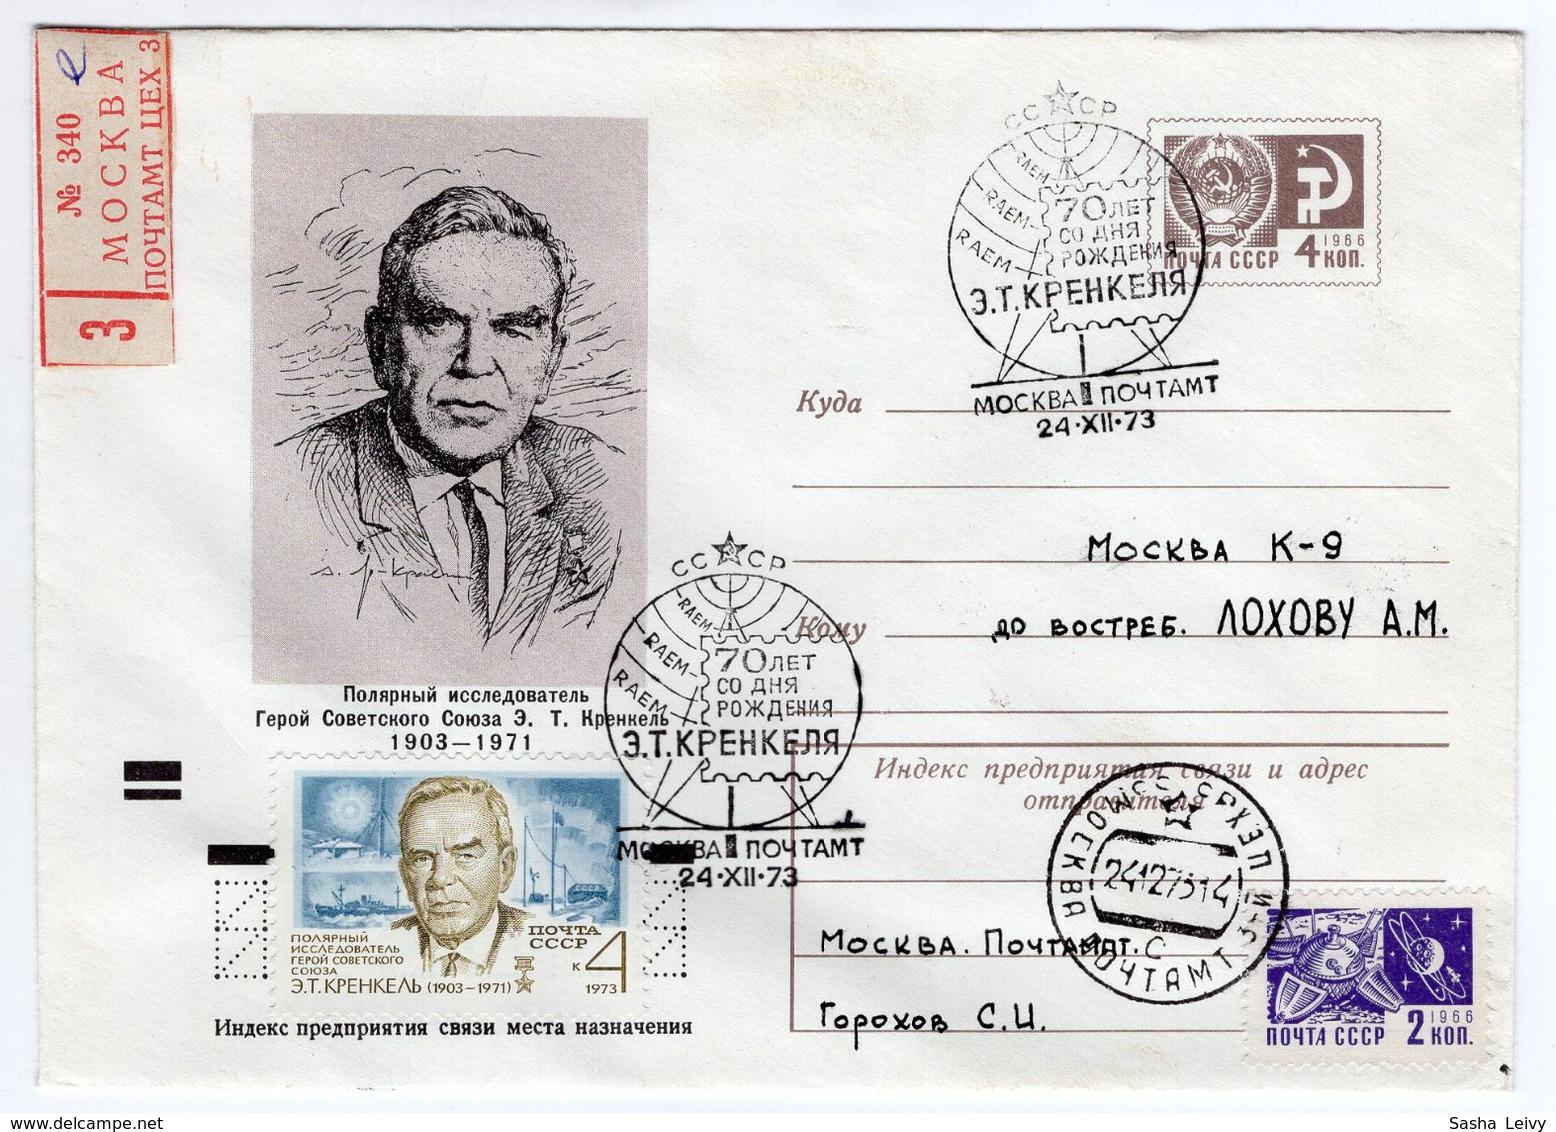 REGISTERED COVER USSR 1973 POLAR EXPLORER Е.T.KRENKEL #73-605 - Polar Explorers & Famous People